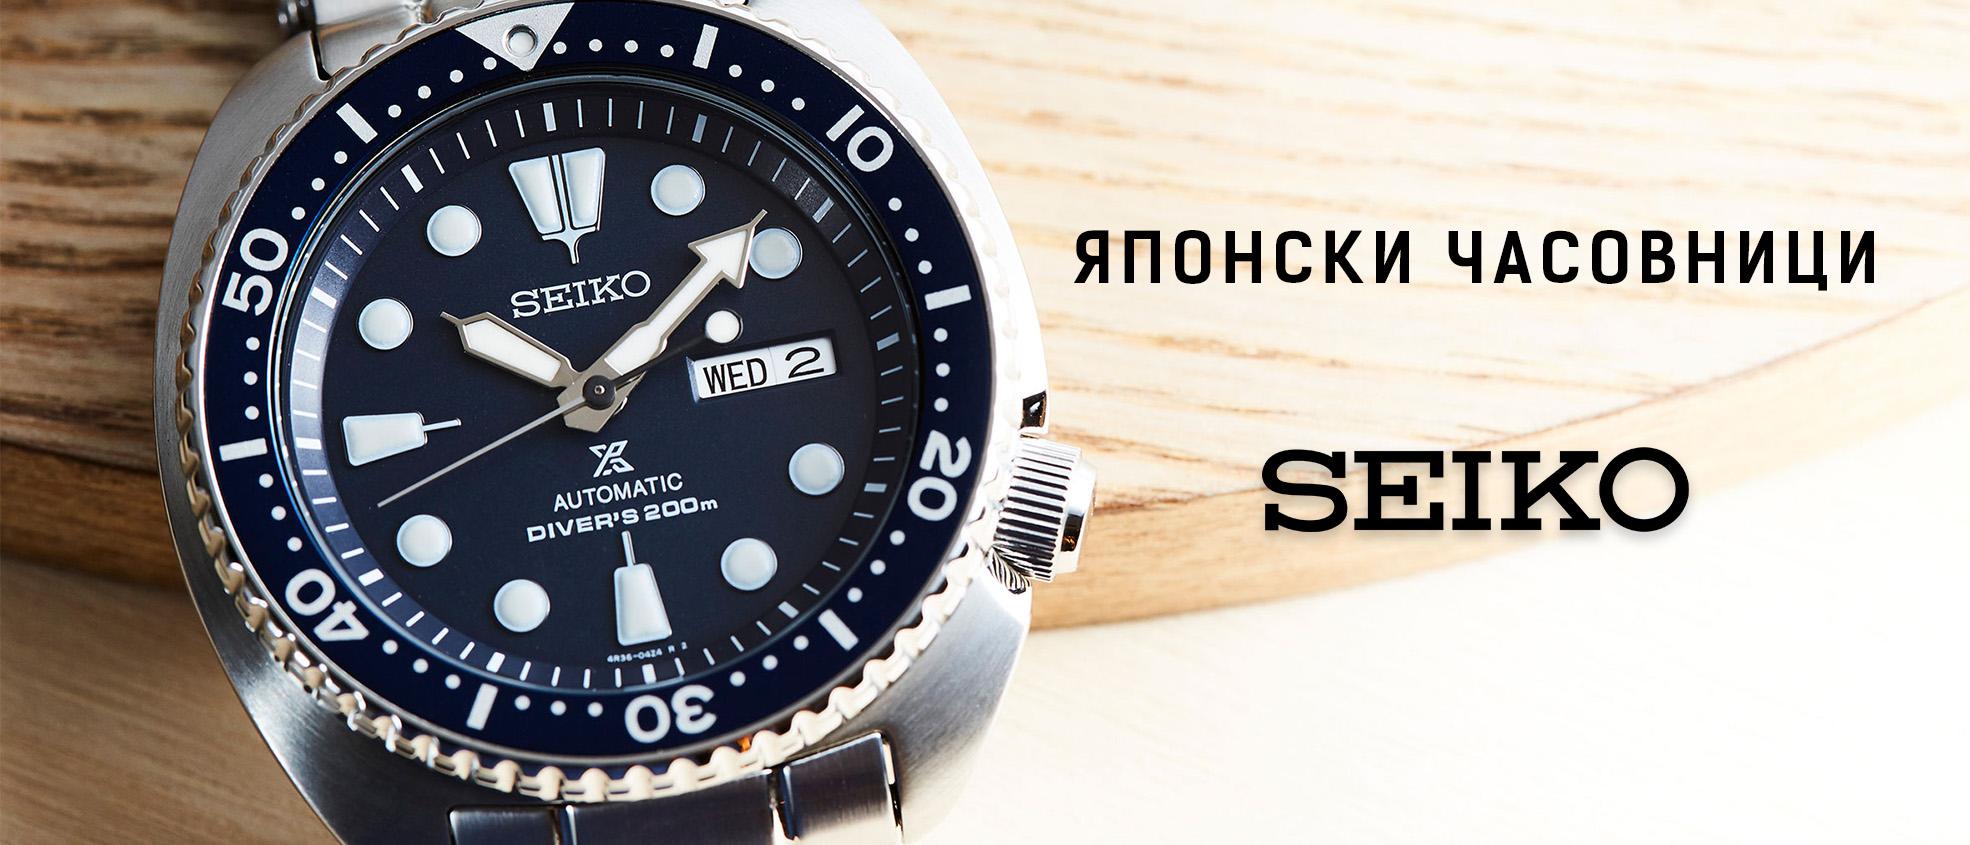 Seiko-slider-bg